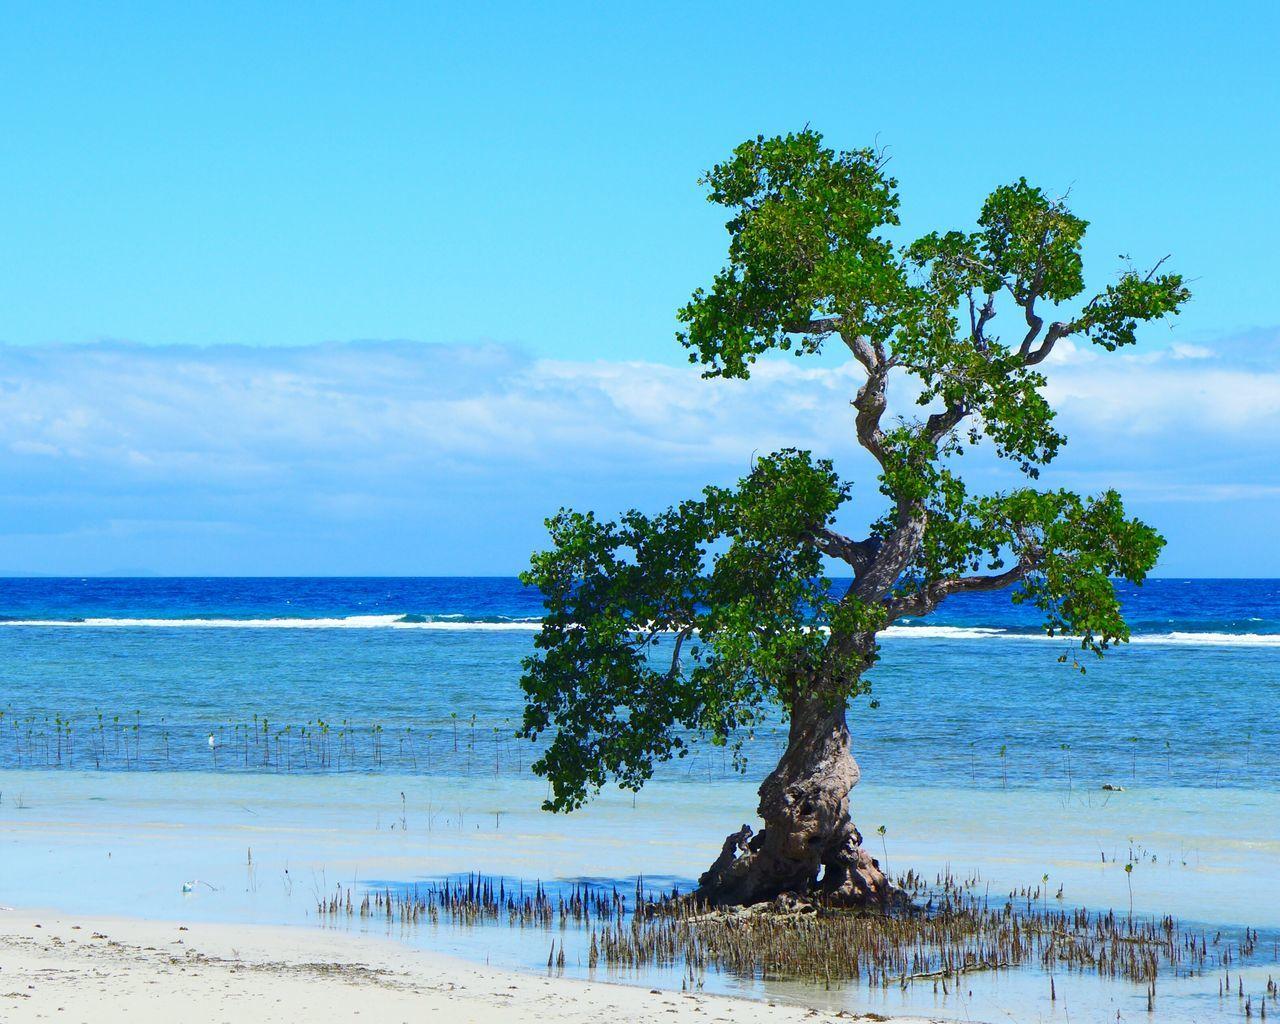 DMC-LX7 Mangrove Siquijor Philippines